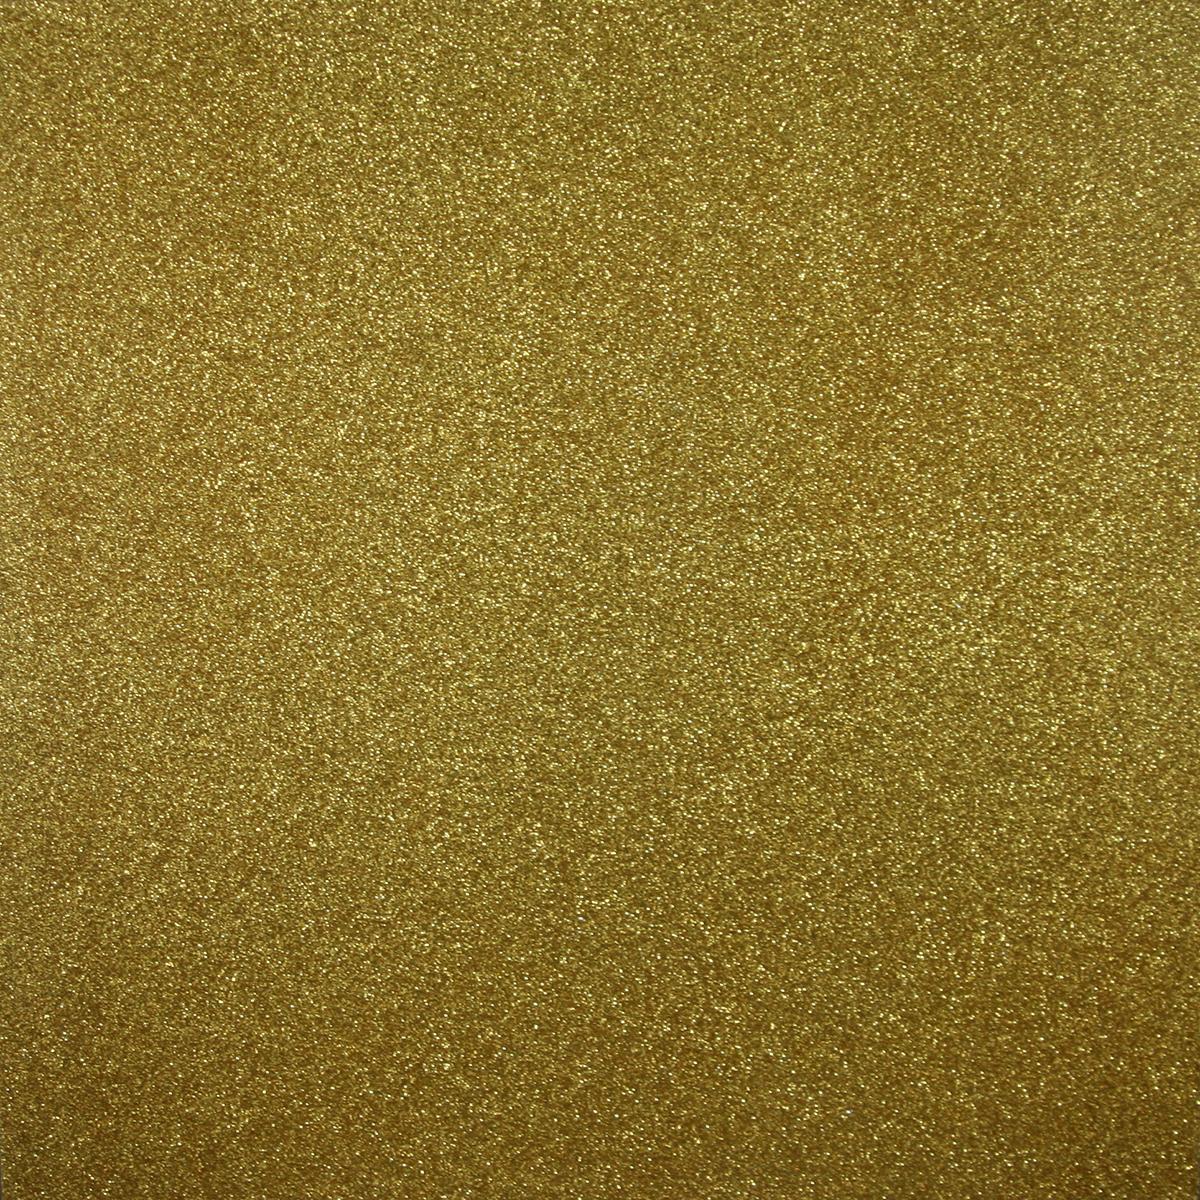 Glitter Cardstock Gold